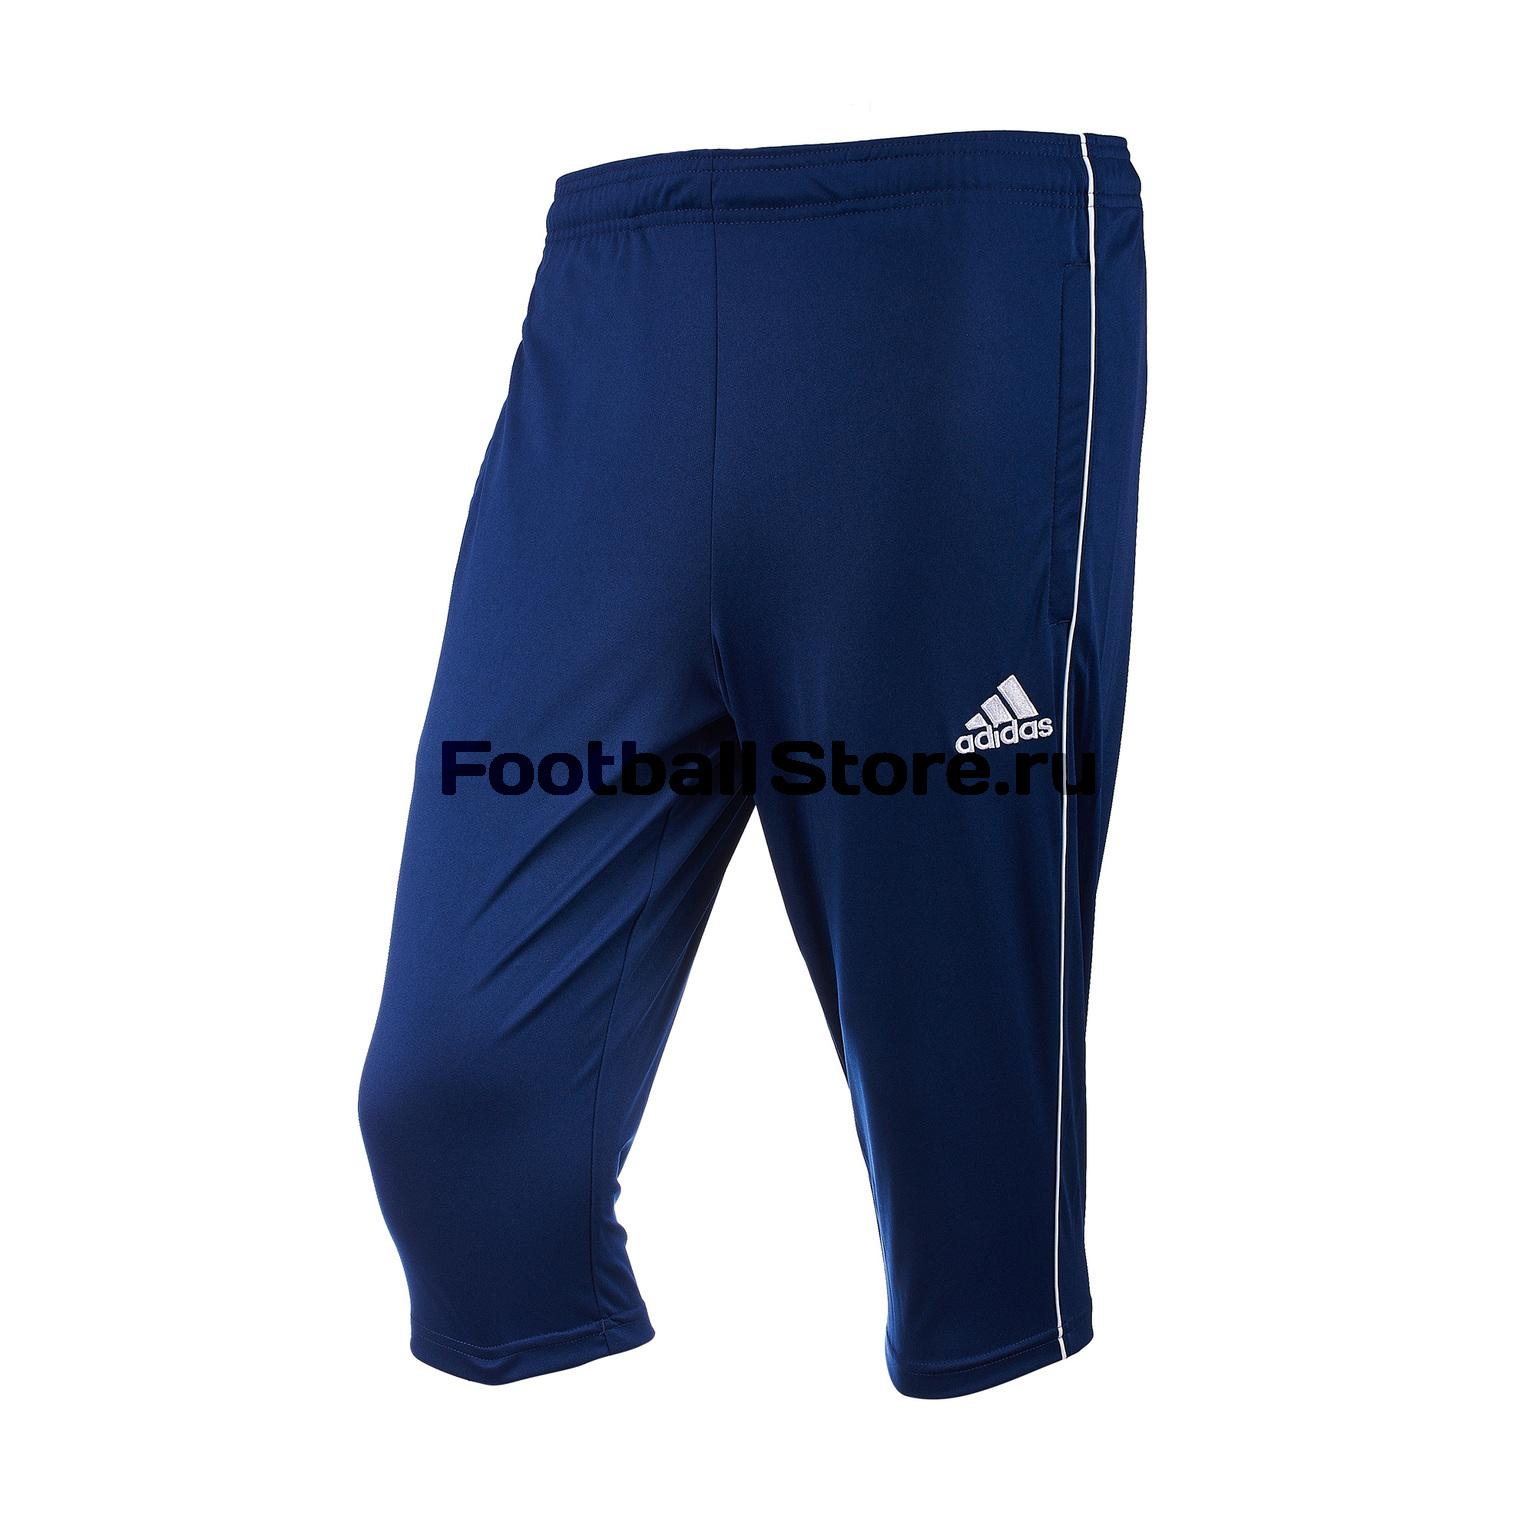 Брюки тренировочные Adidas Core18 3/4 Pnt CV3321 брюки adidas брюки тренировочные adidas tiro17 3 4 pnt ay2879 page 6